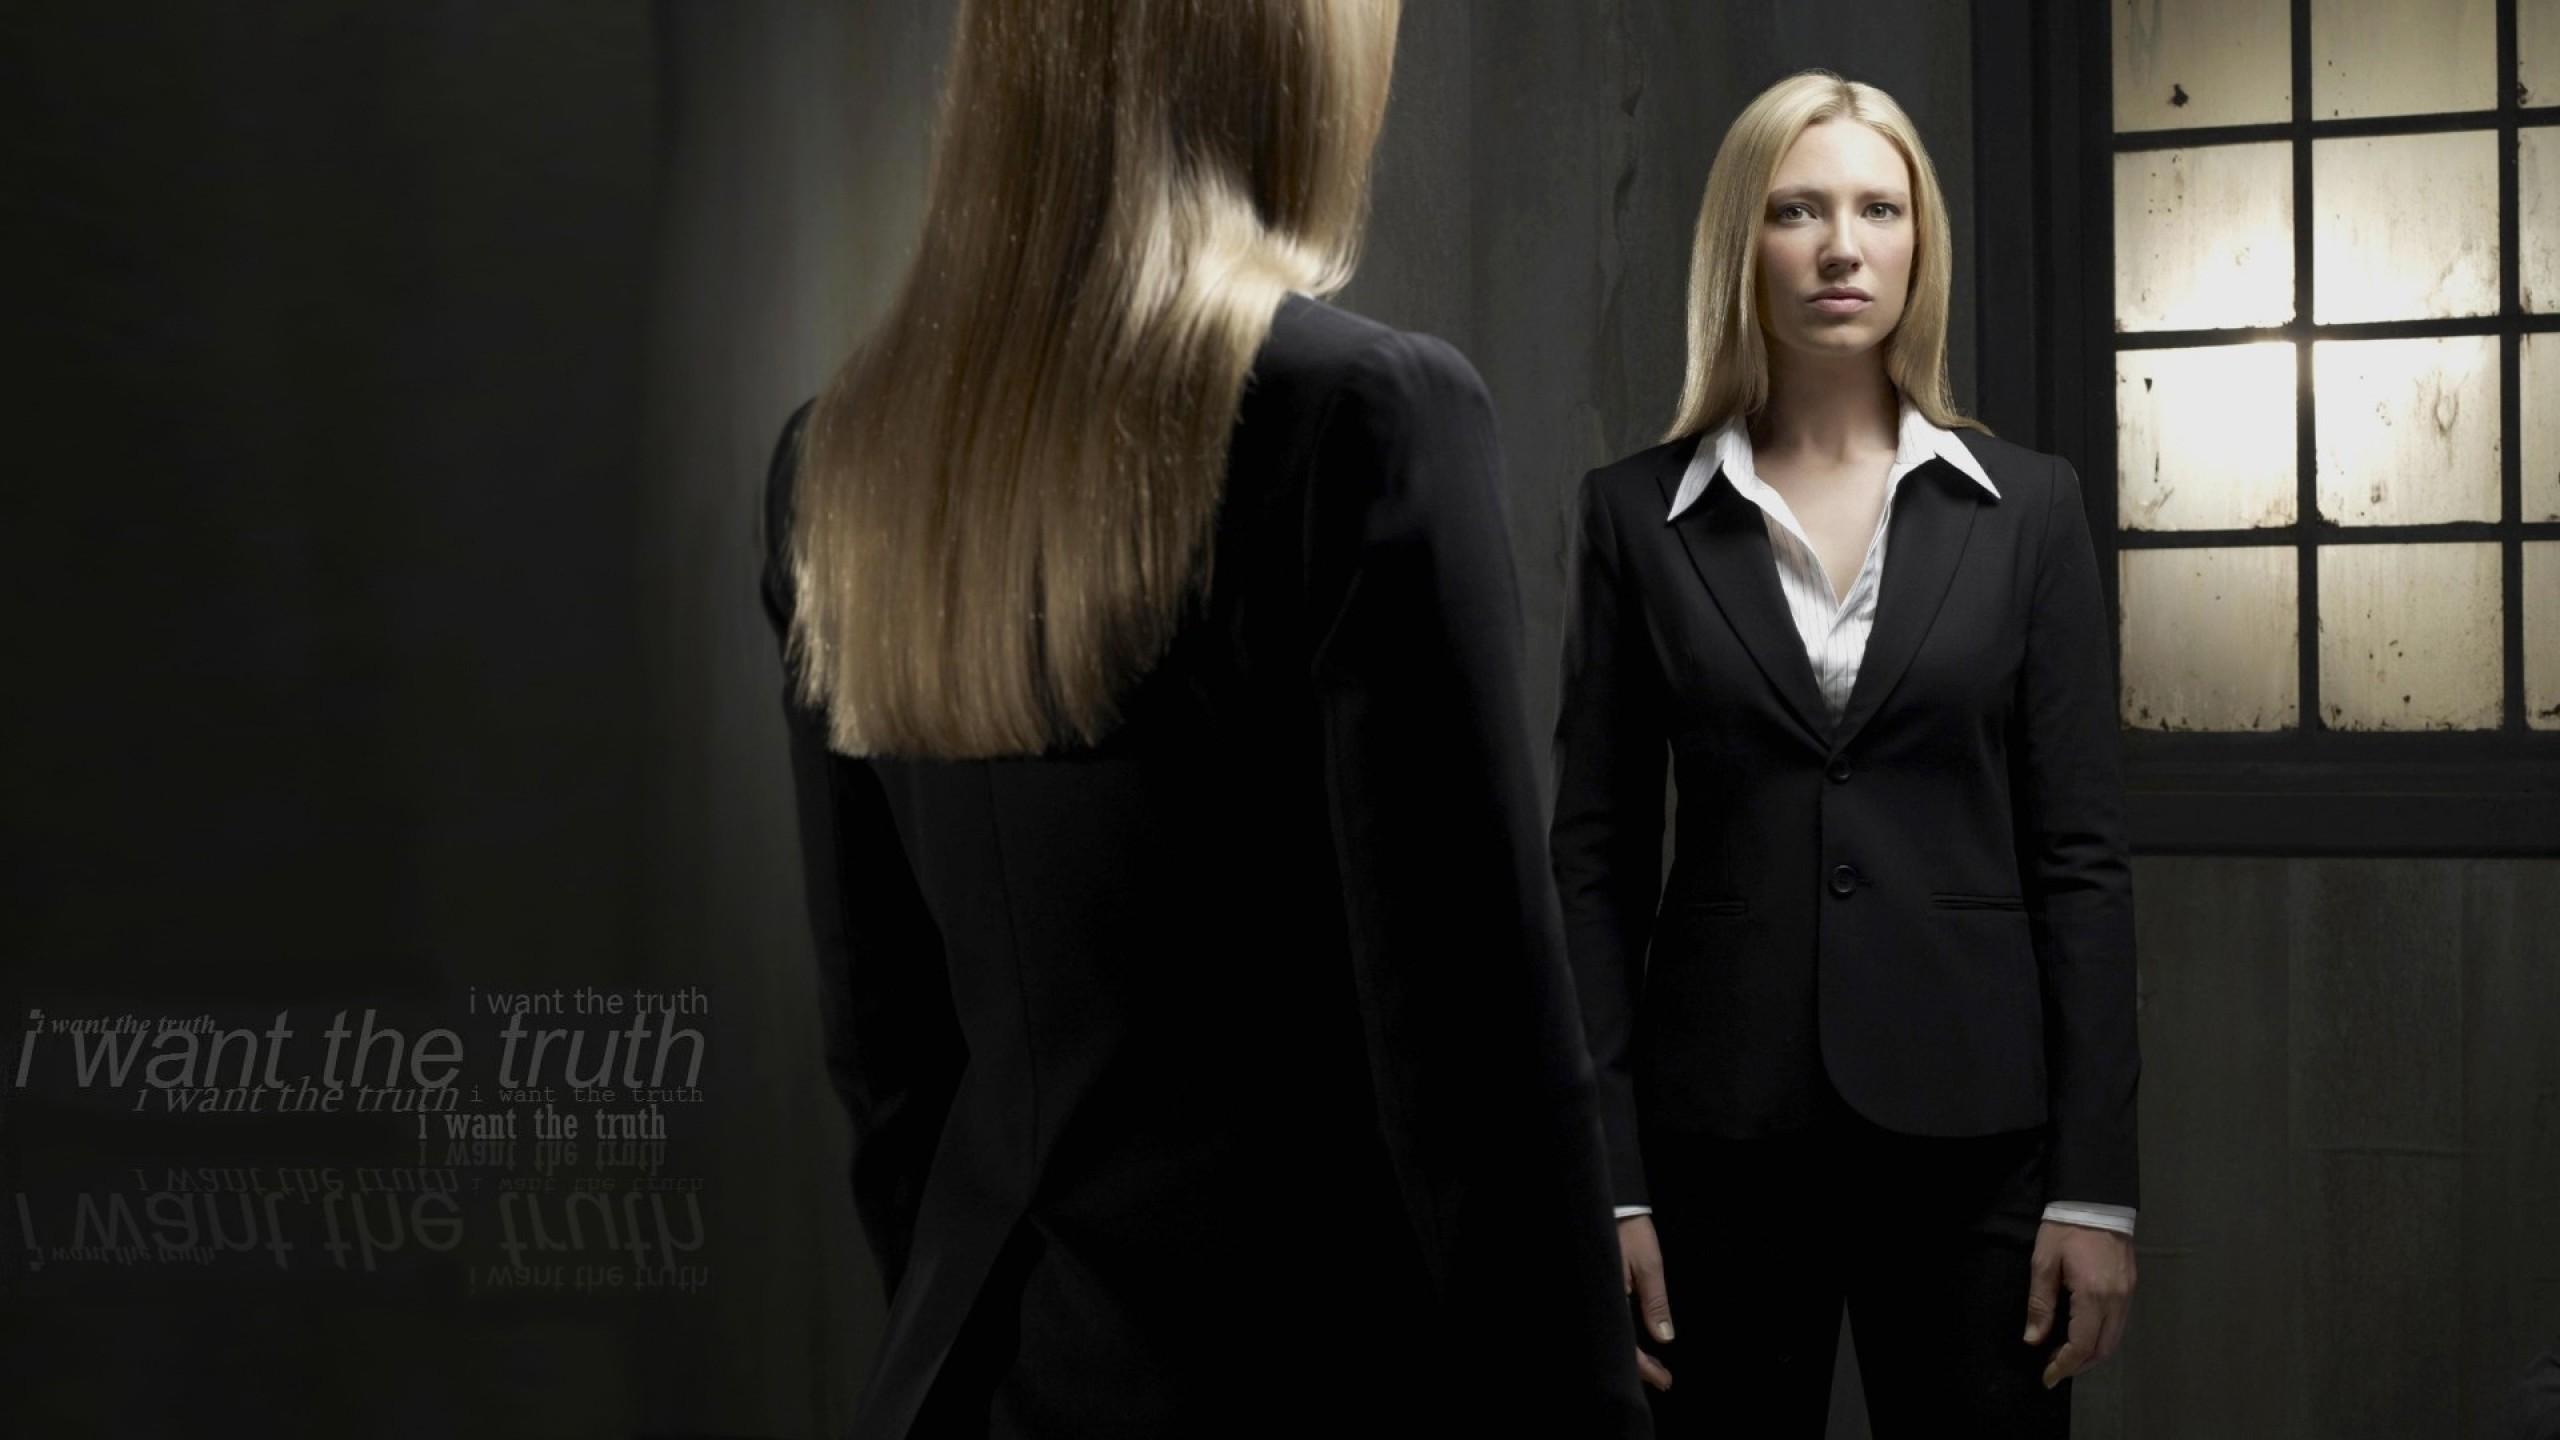 blondes tv women fringe anna torv olivia dunham 1920×1080 wallpaper Art HD  Wallpaper